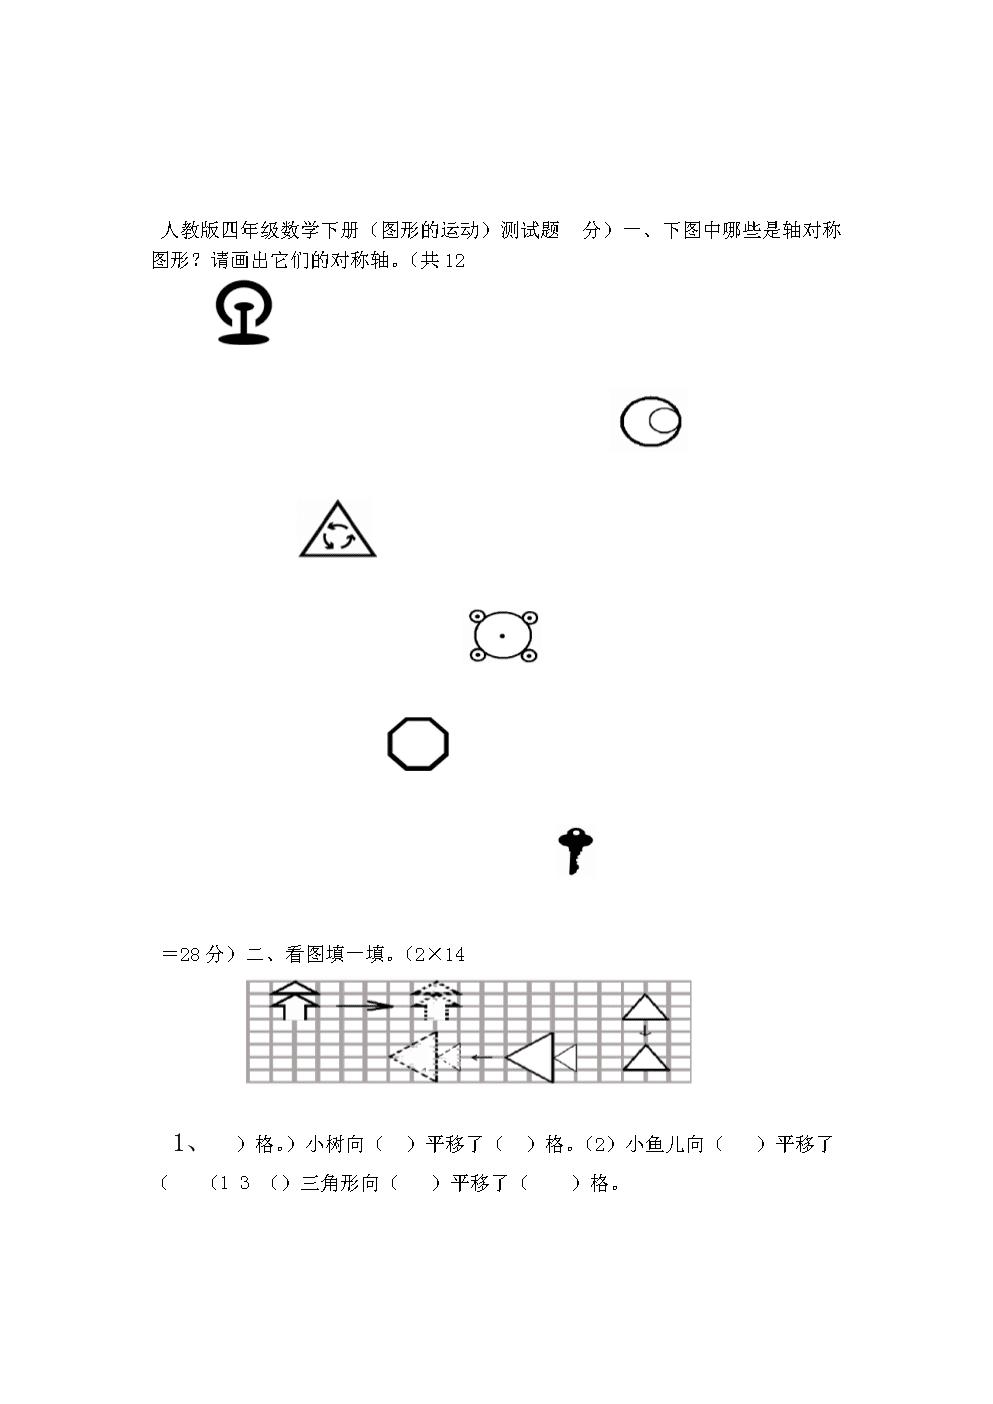 完整版人教版四年级下册数学图形平移练习题.doc